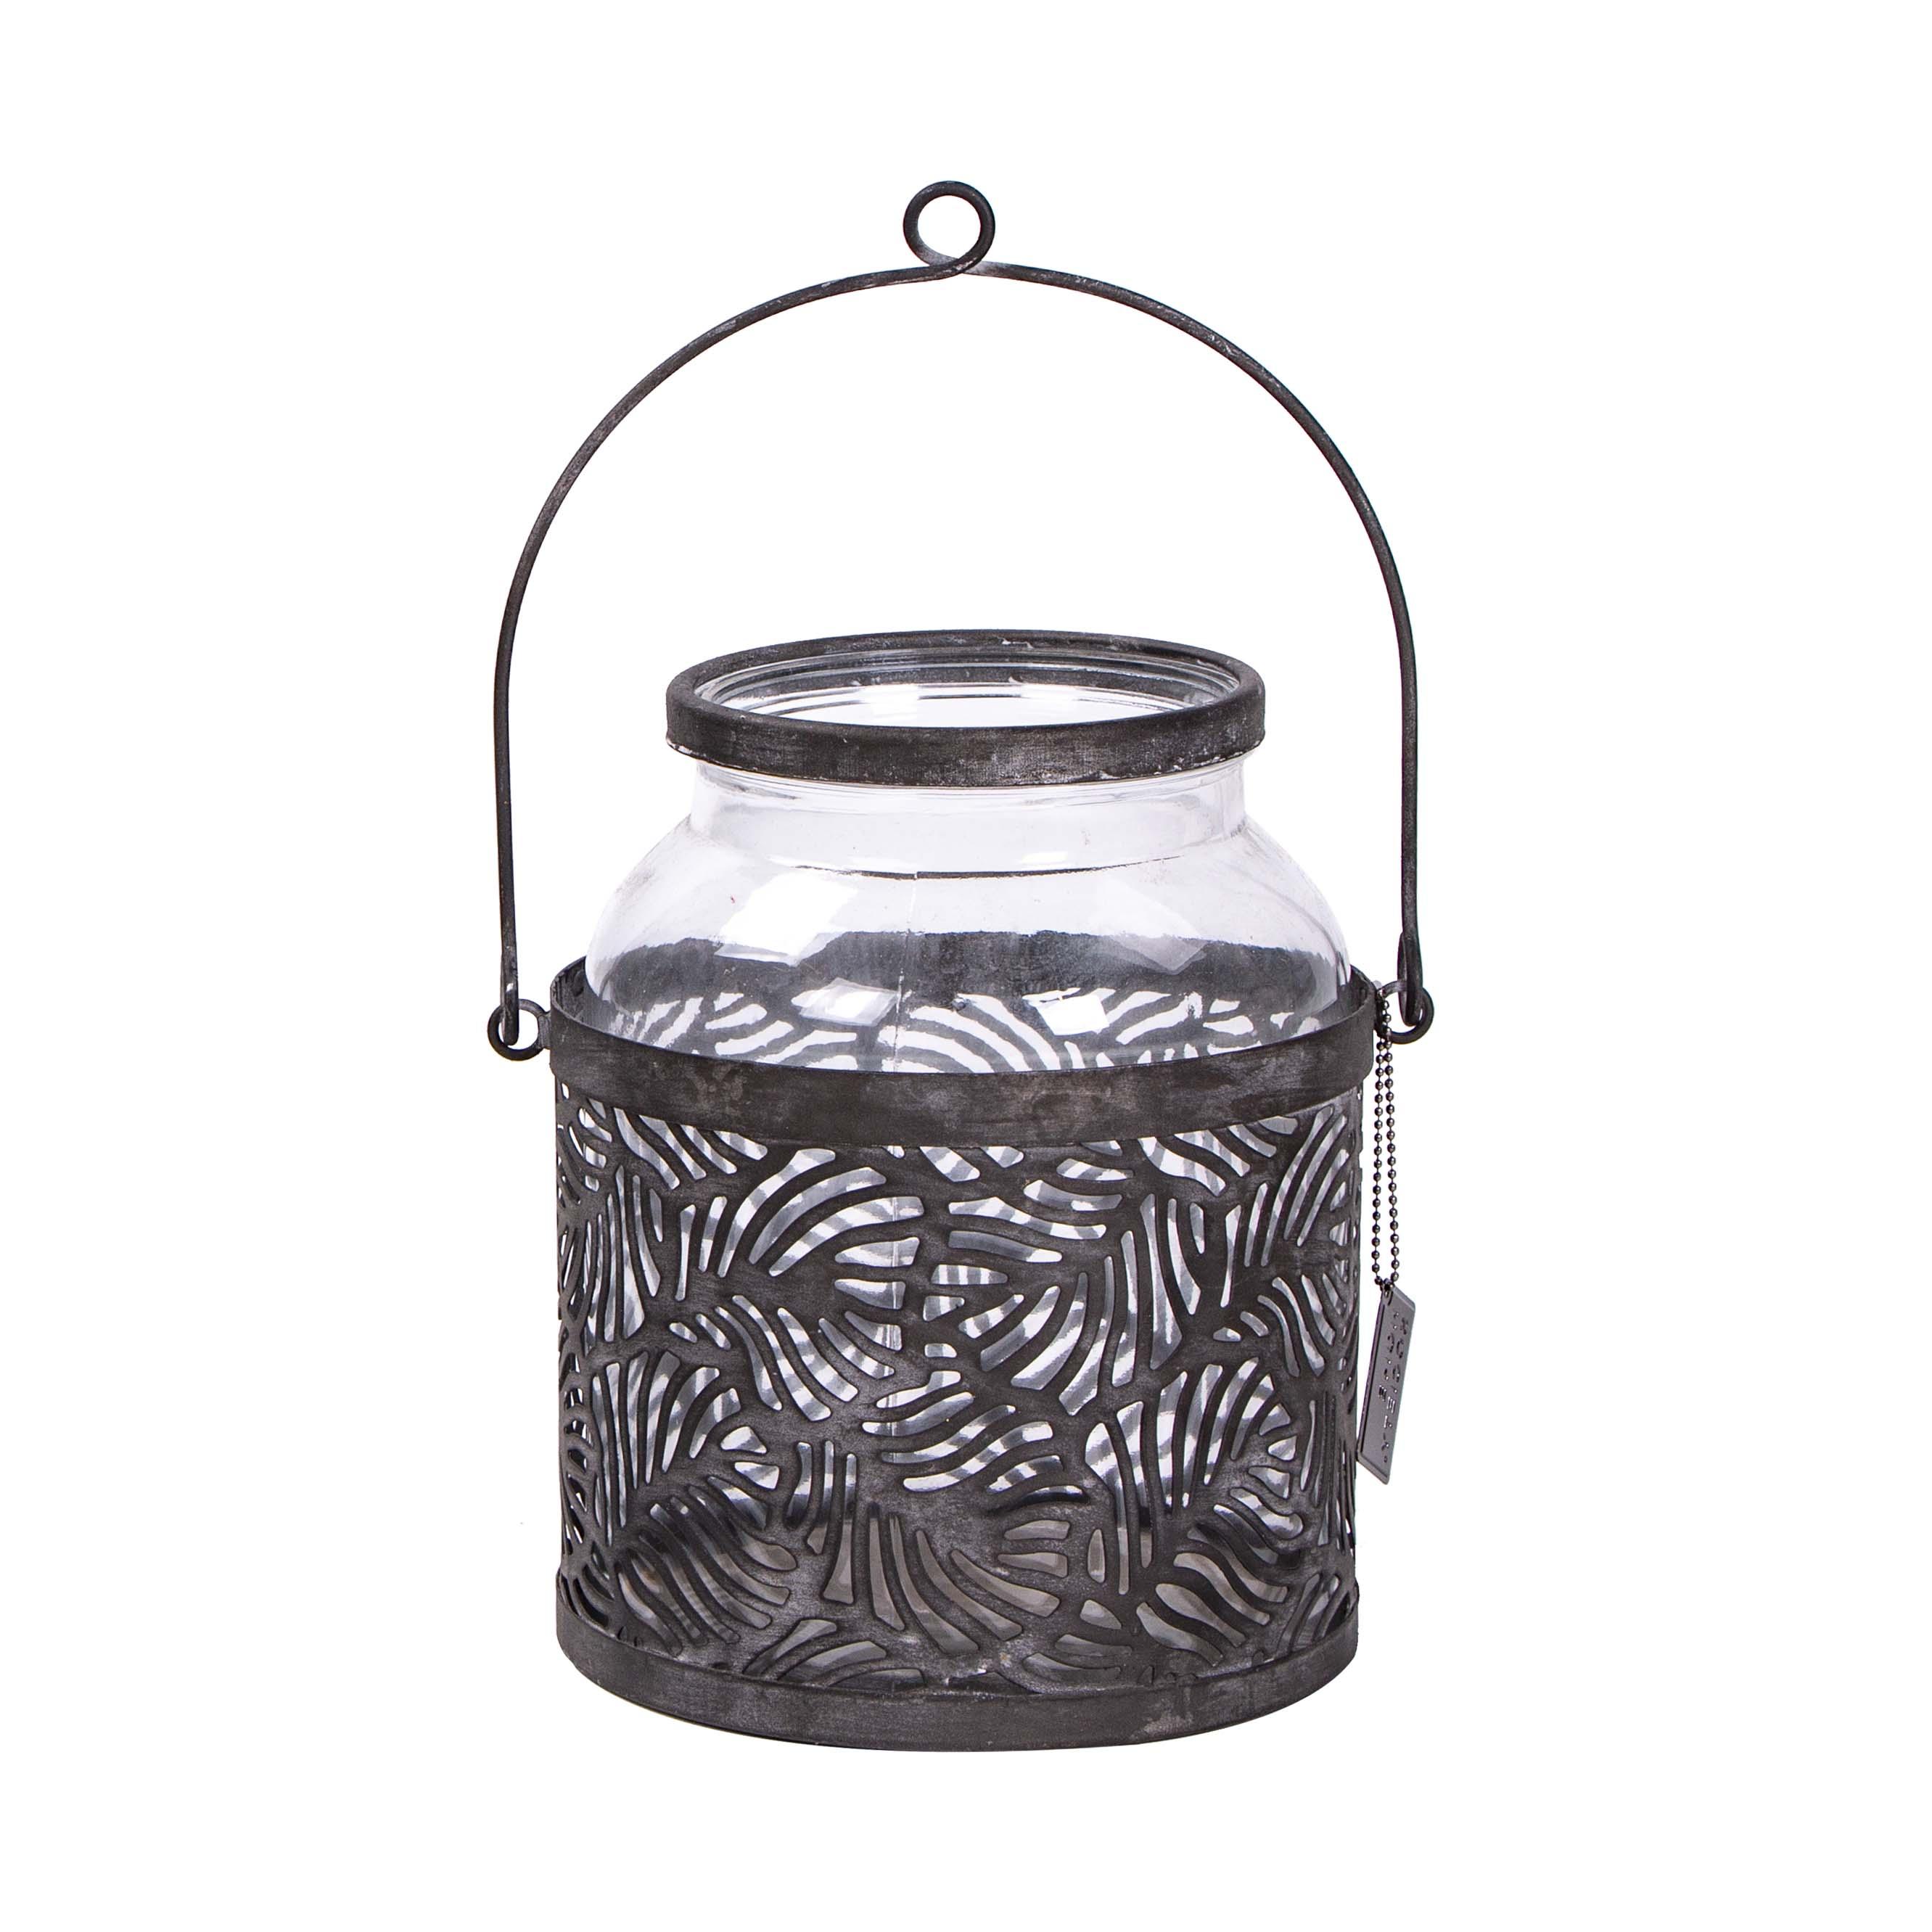 Windlicht zum hängen, Glas in schwarzer Metallhalterung, H 22 cm, D 17 cm